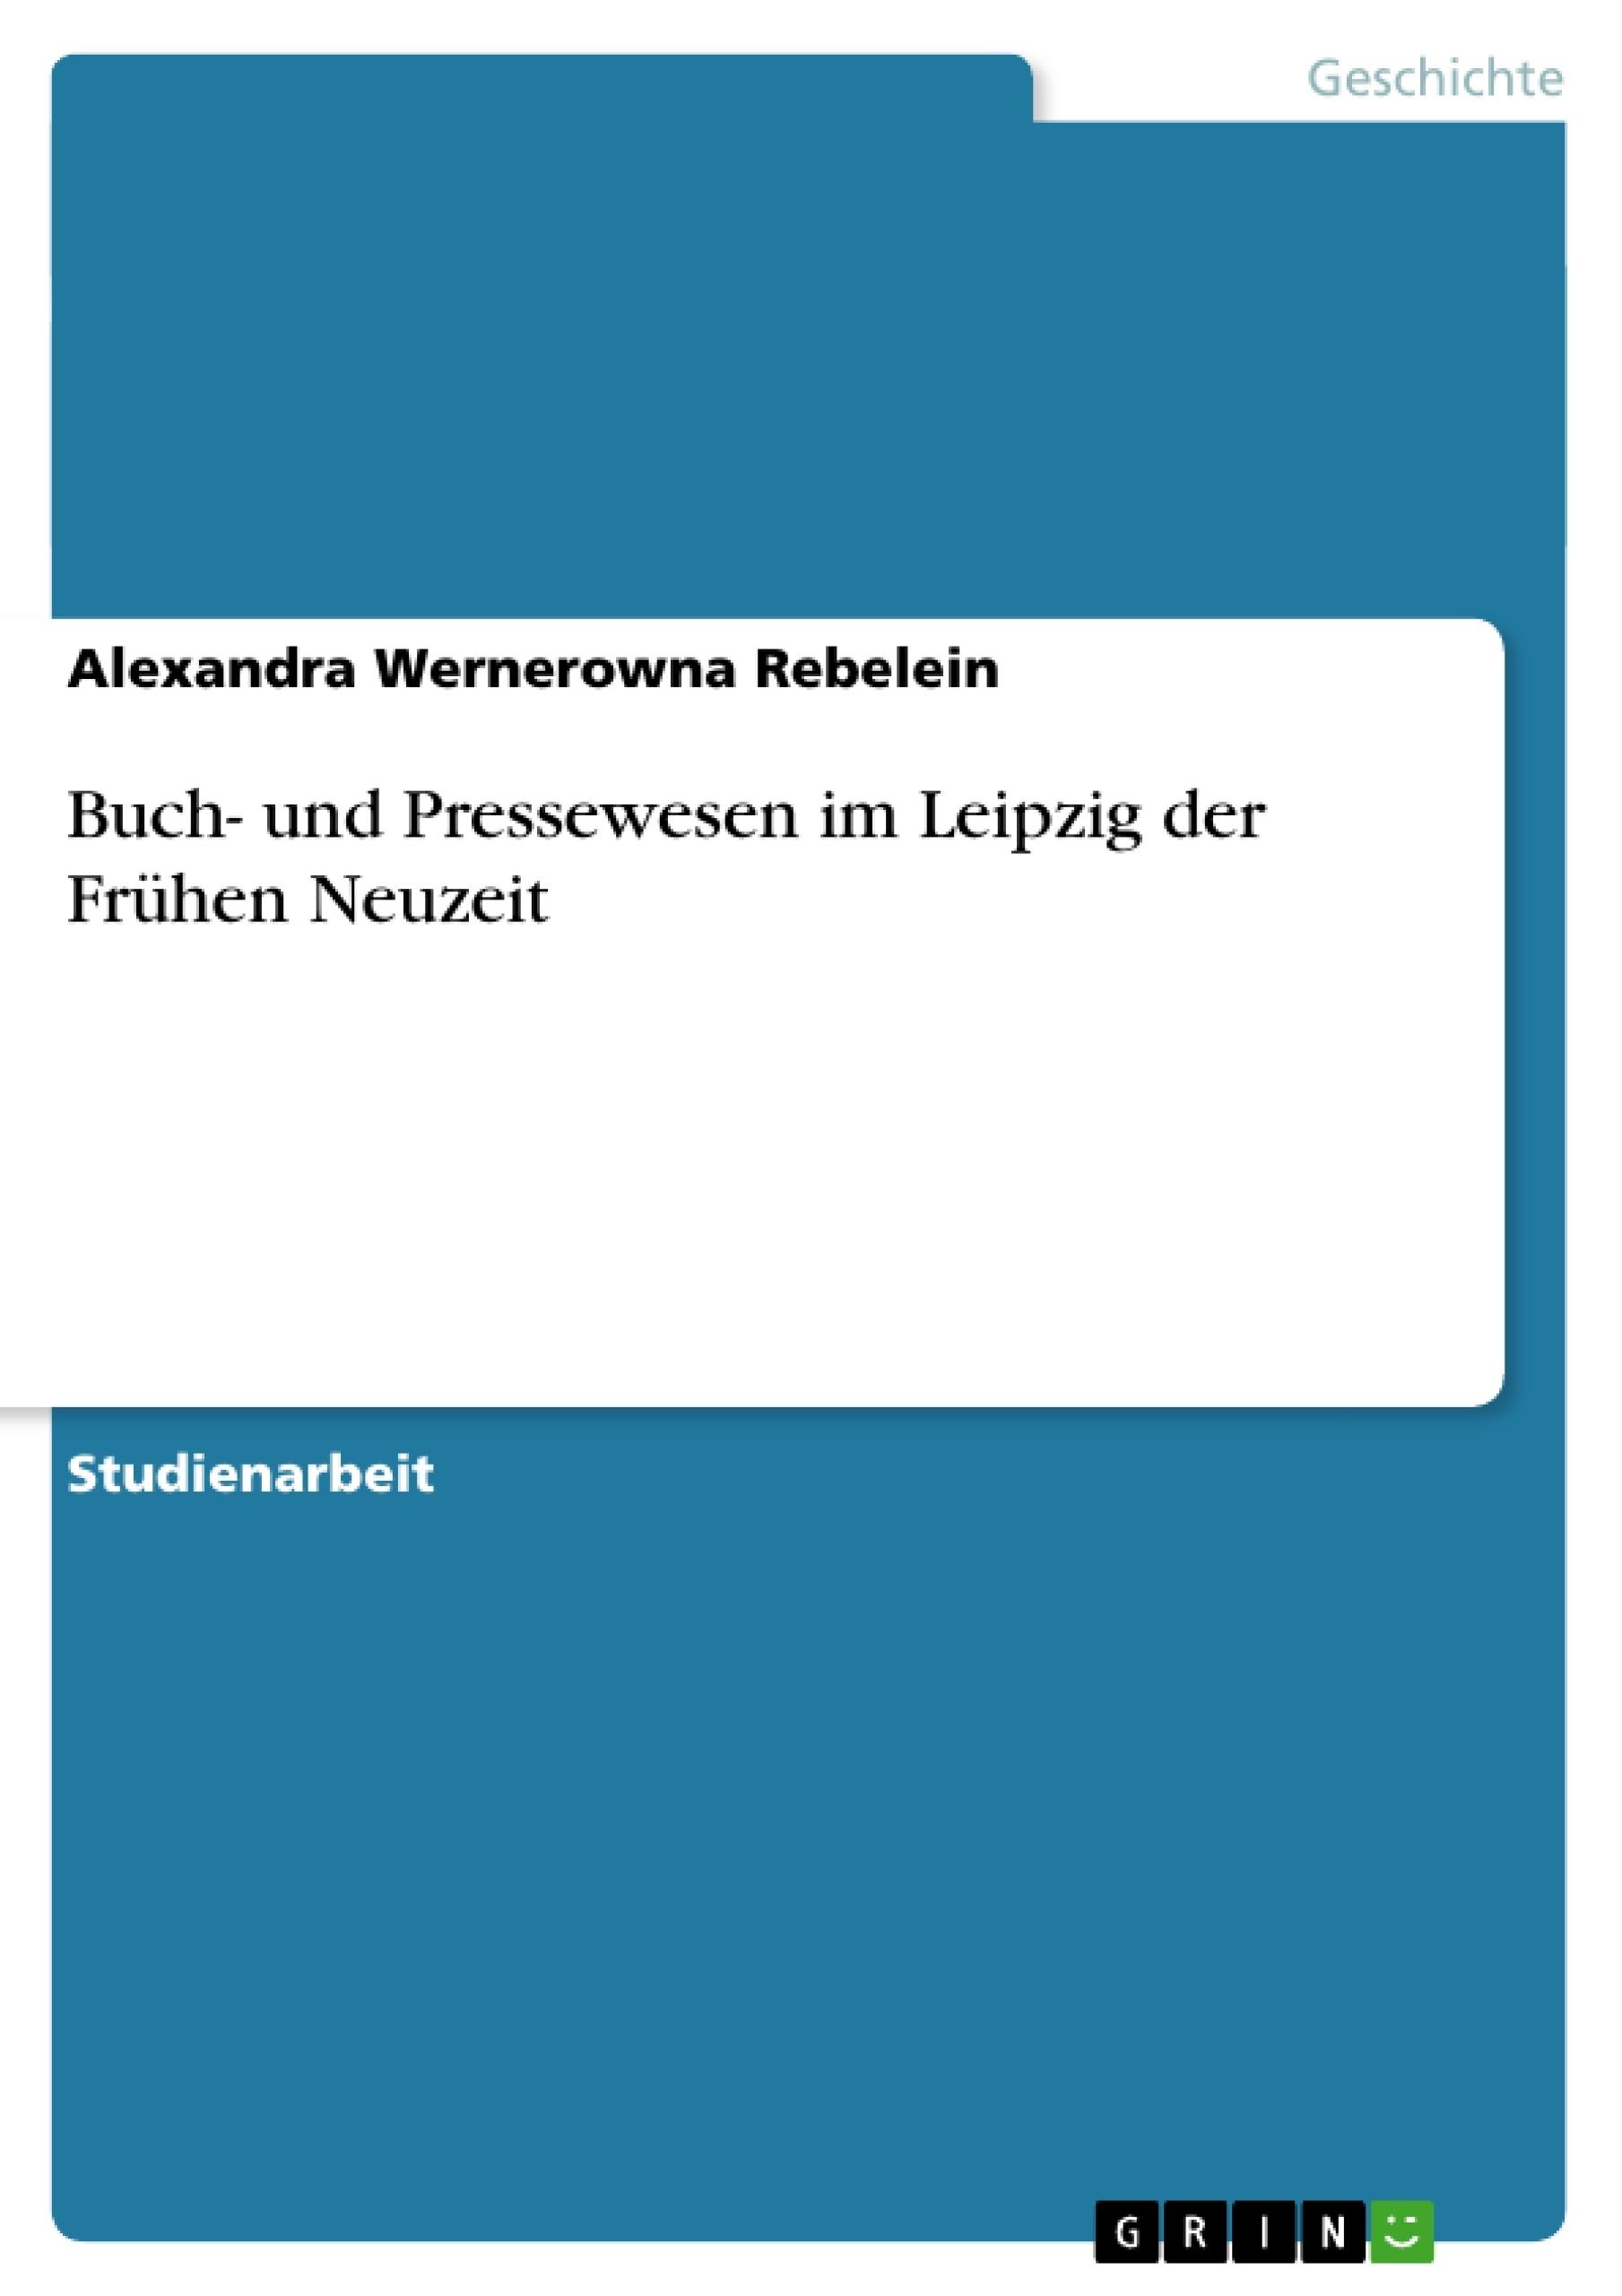 Titel: Buch- und Pressewesen im Leipzig der Frühen Neuzeit